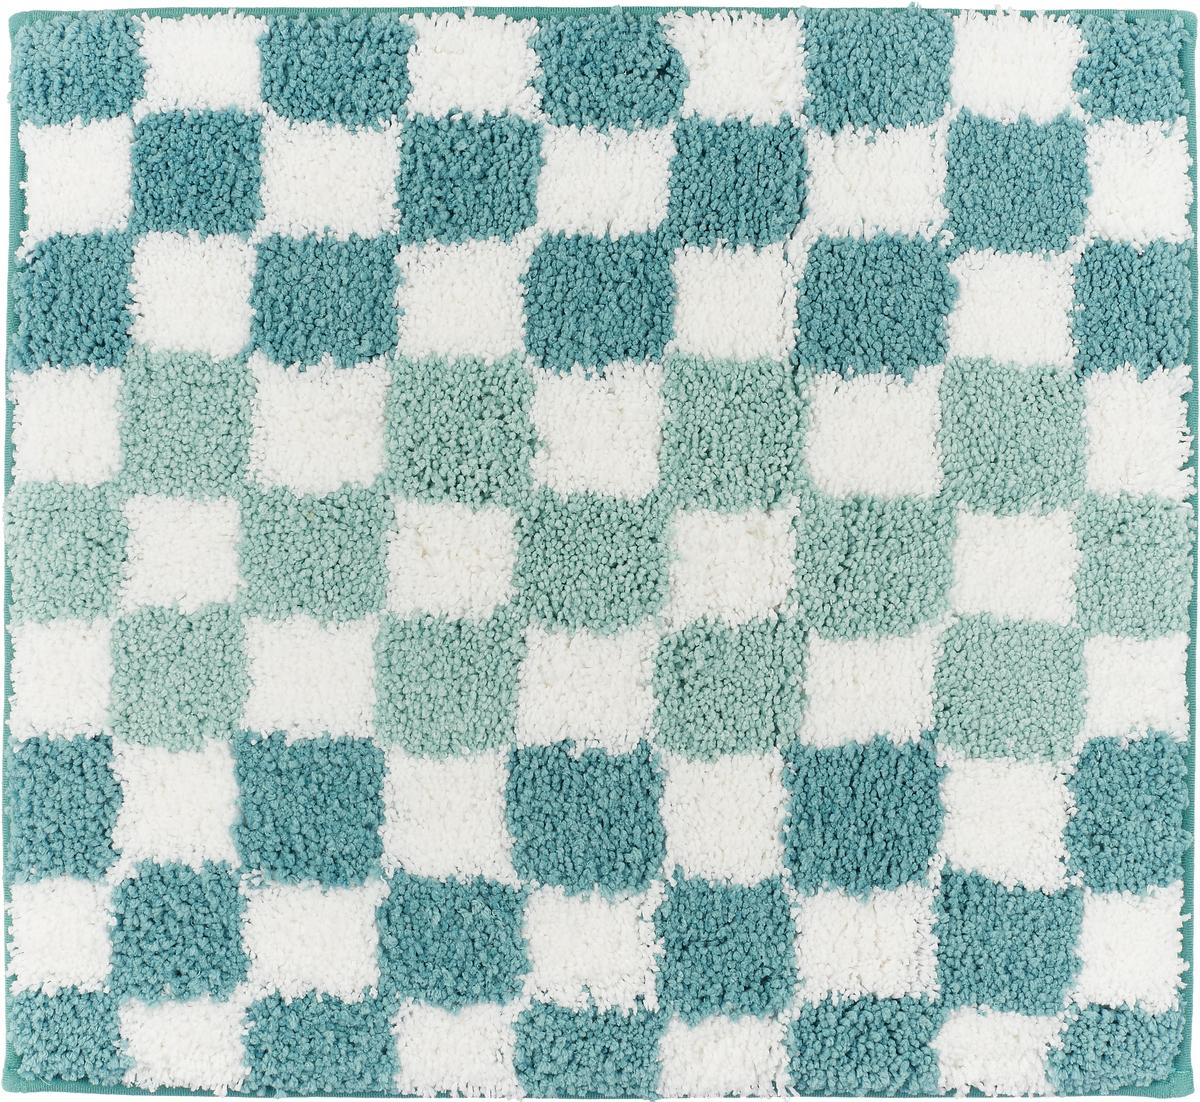 Коврик для ванной Ridder Grand Prix, цвет: синий, голубой, 55 х 50 см babyono коврик противоскользящий для ванной цвет голубой 70 х 35 см